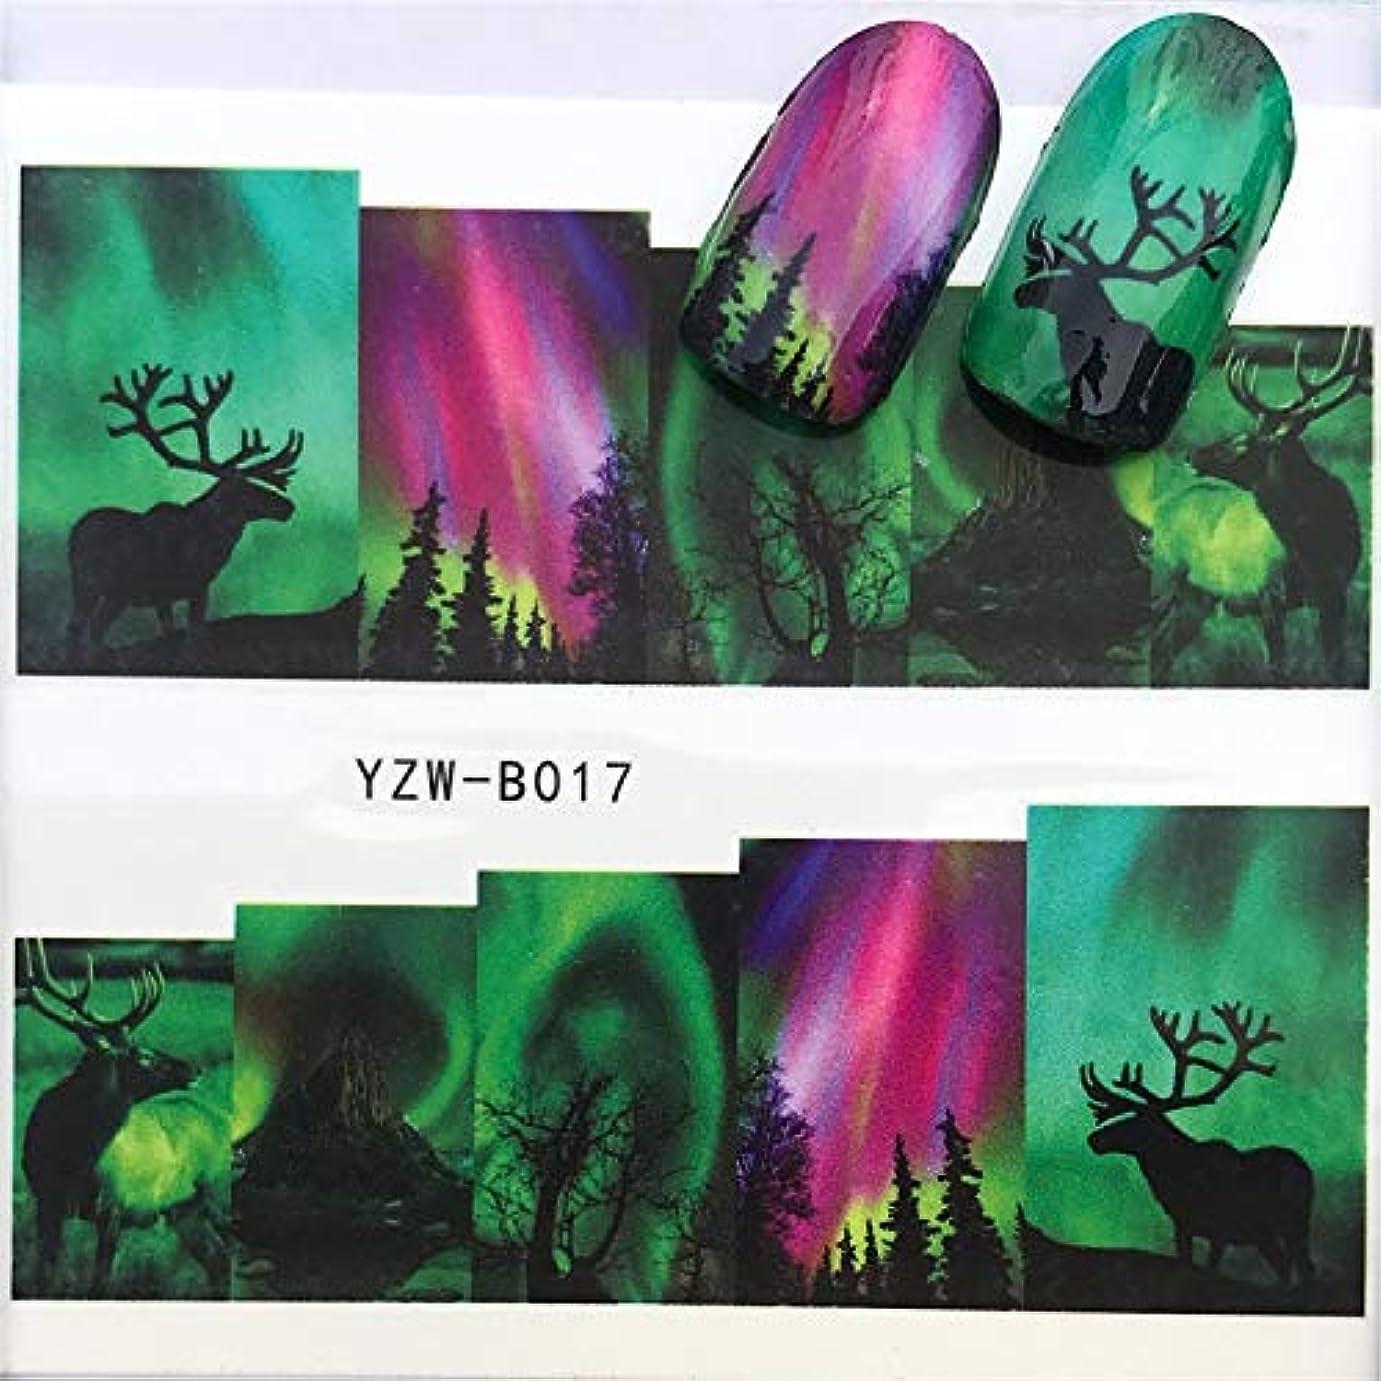 役割愛情深い無限ビューティー&パーソナルケア 3個ネイルステッカーセットデカール水転写スライダーネイルアートデコレーション、色:YZWB017 ステッカー&デカール